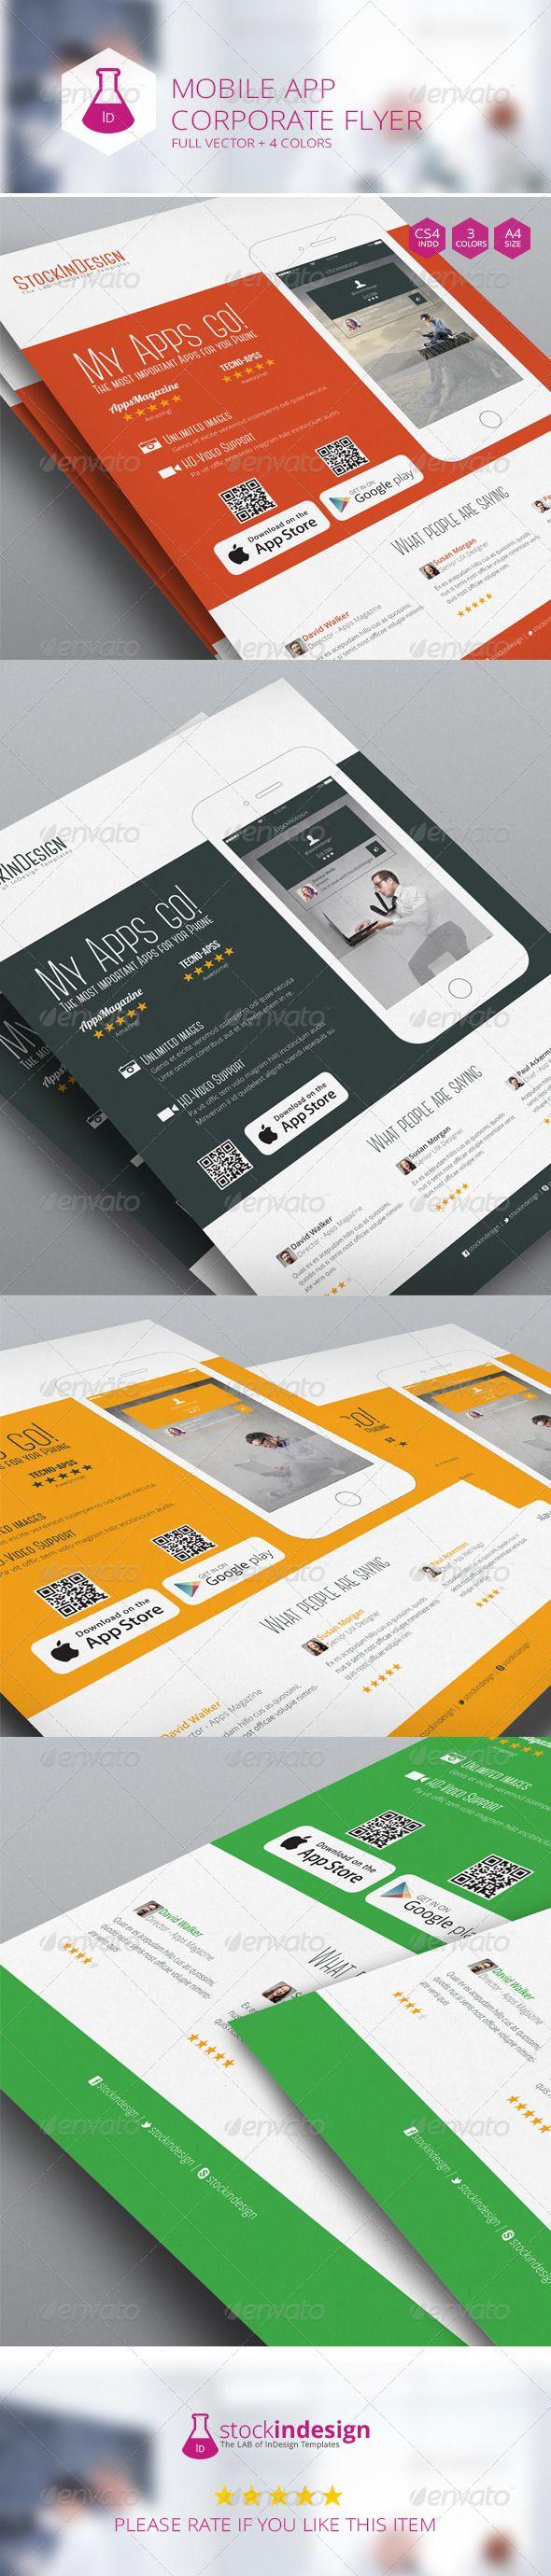 Mobile App Flyer - Flat Design